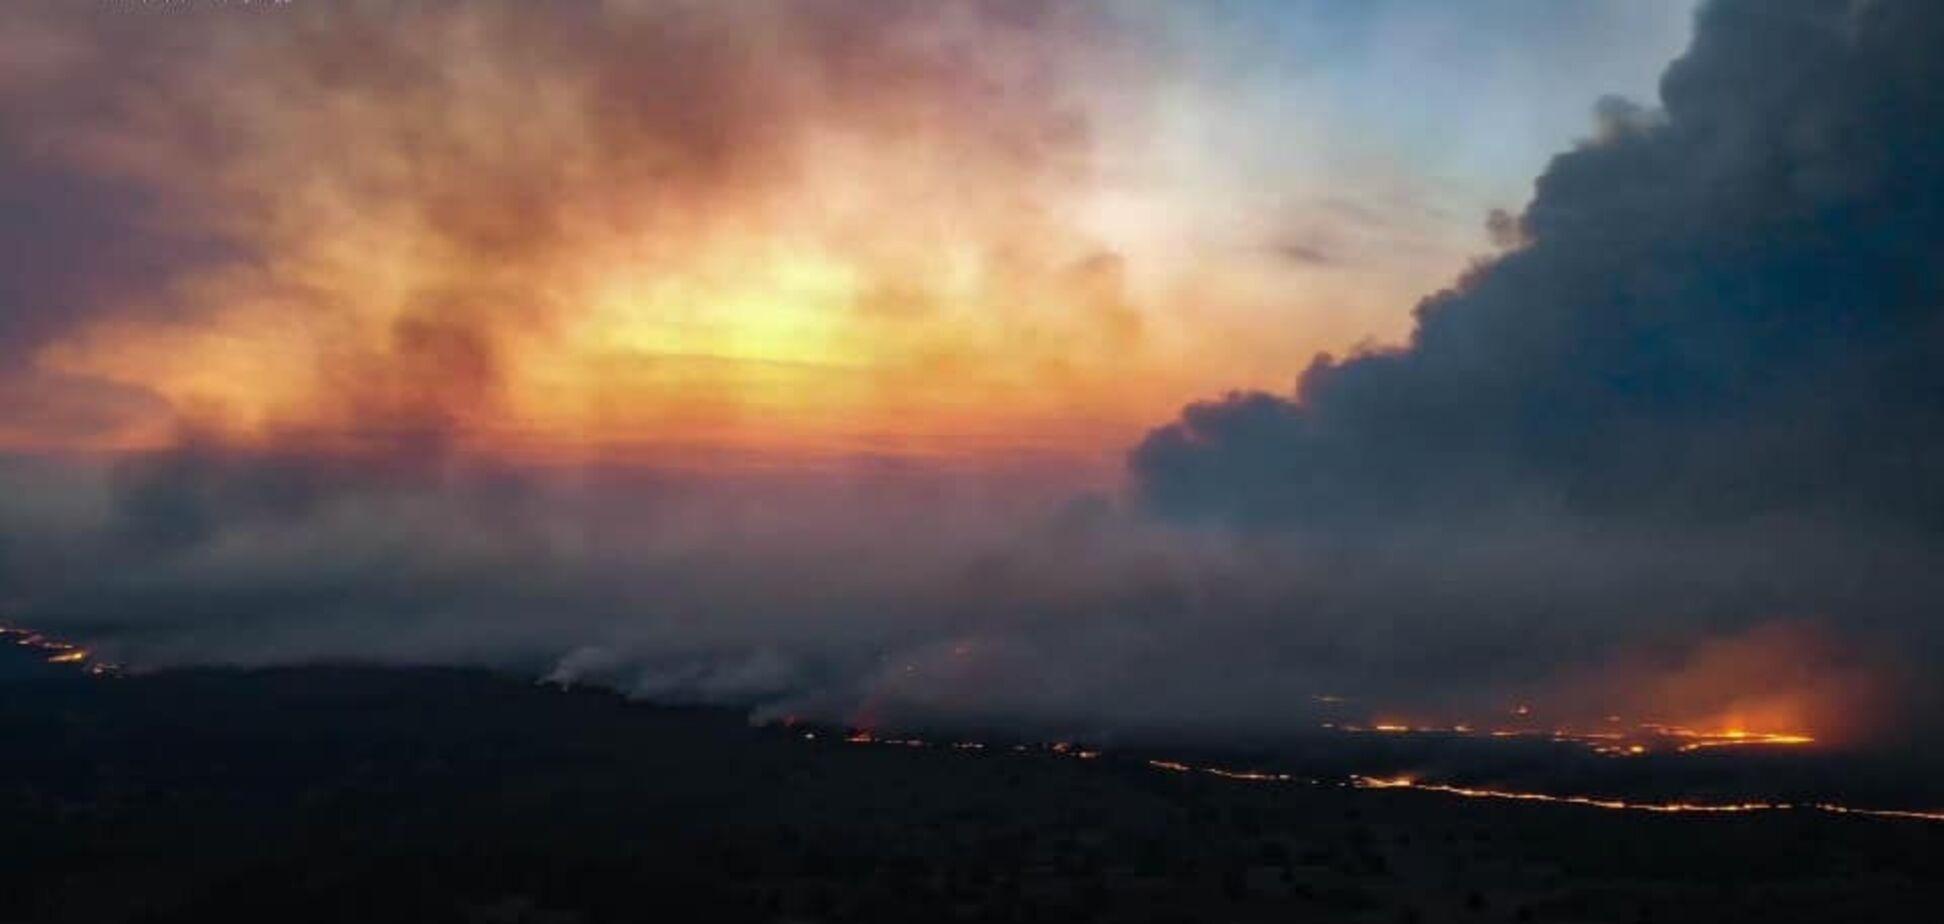 Эколог назвала худшие сценарии пожара в Чернобыле. Видео